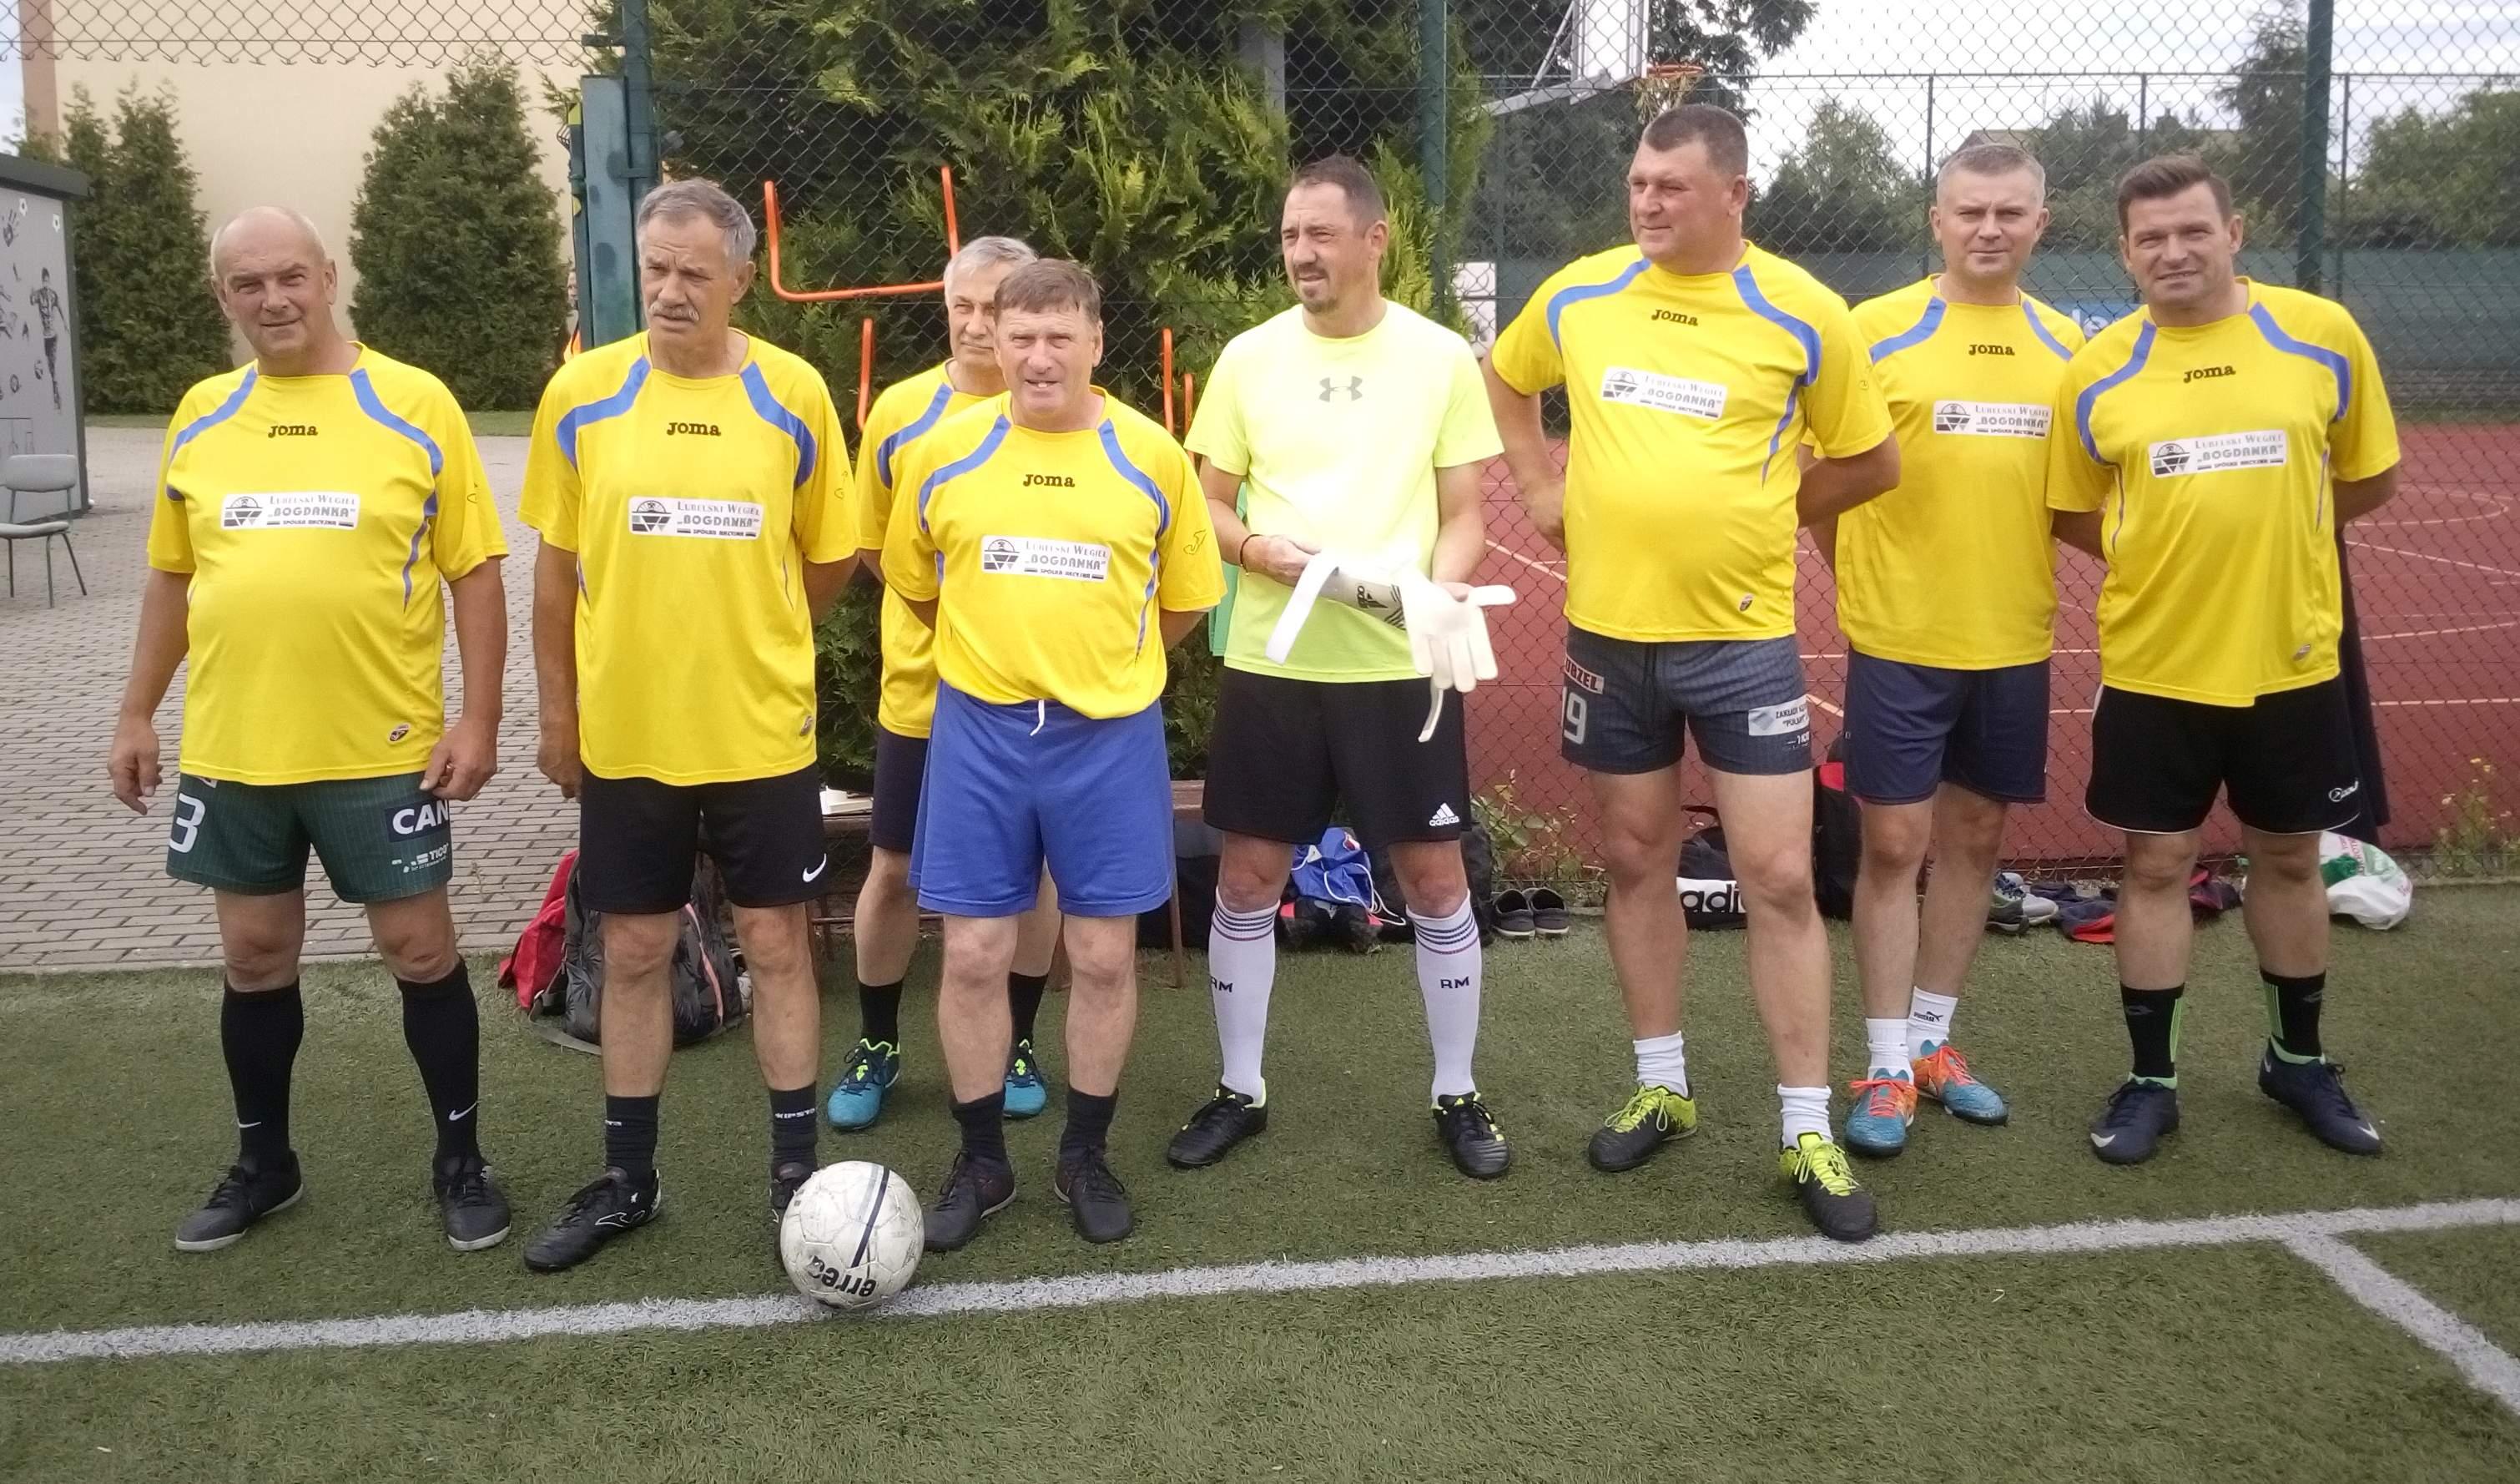 Nasi piłkarscy oldboye zagrali w Jagiellońskim Turnieju [GALERIA] - Zdjęcie główne